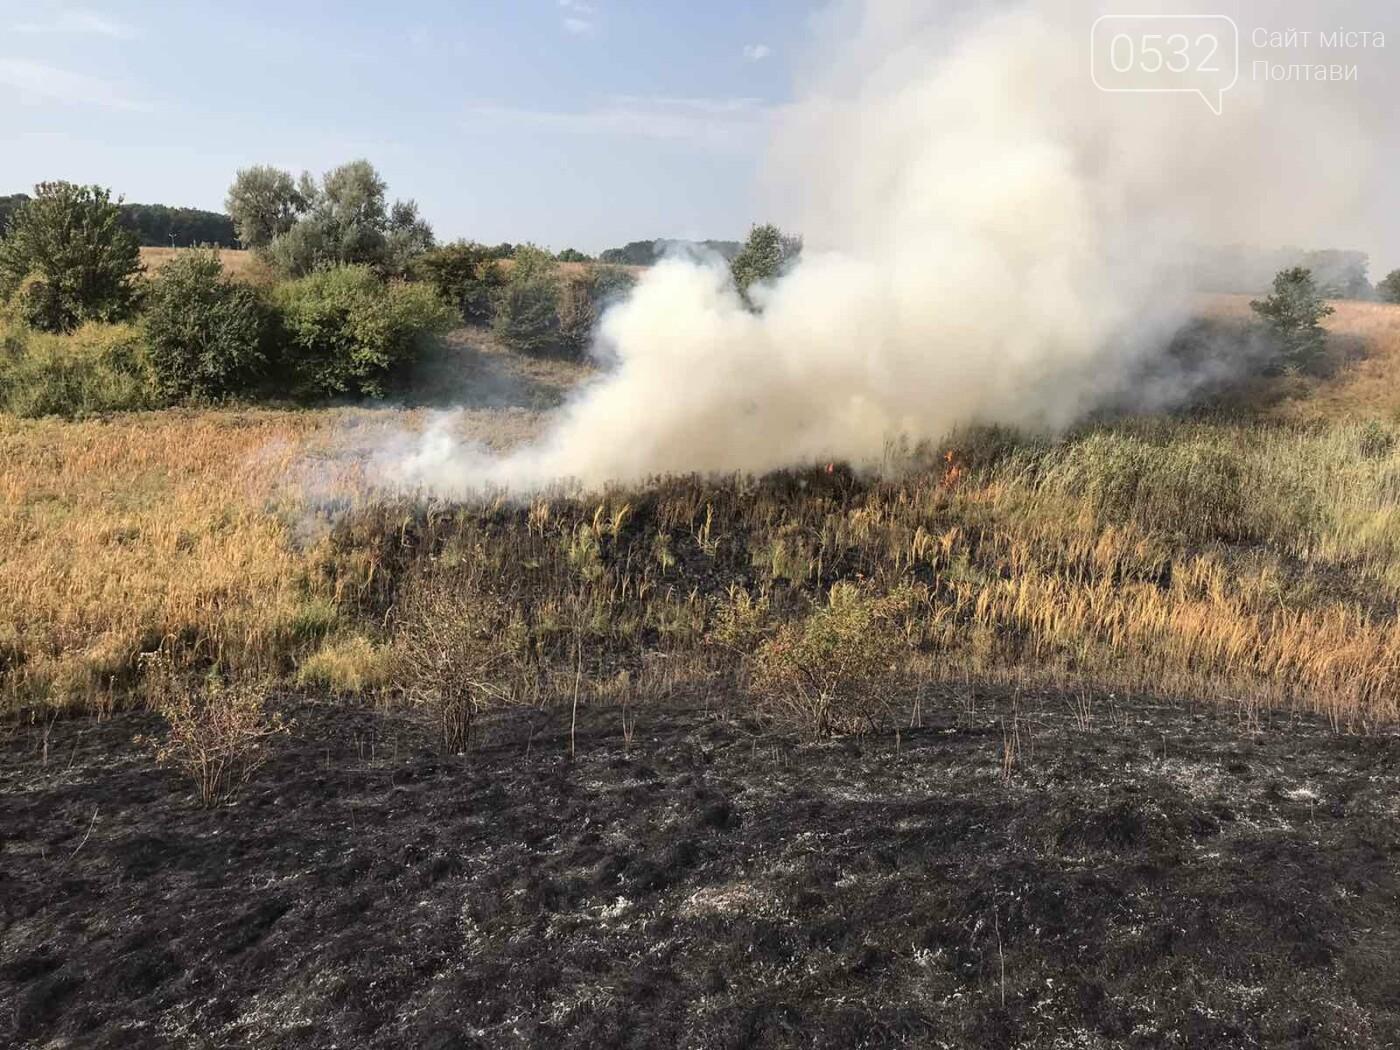 На Полтавщині за добу загасили 30 пожеж на відкритій території, фото-3